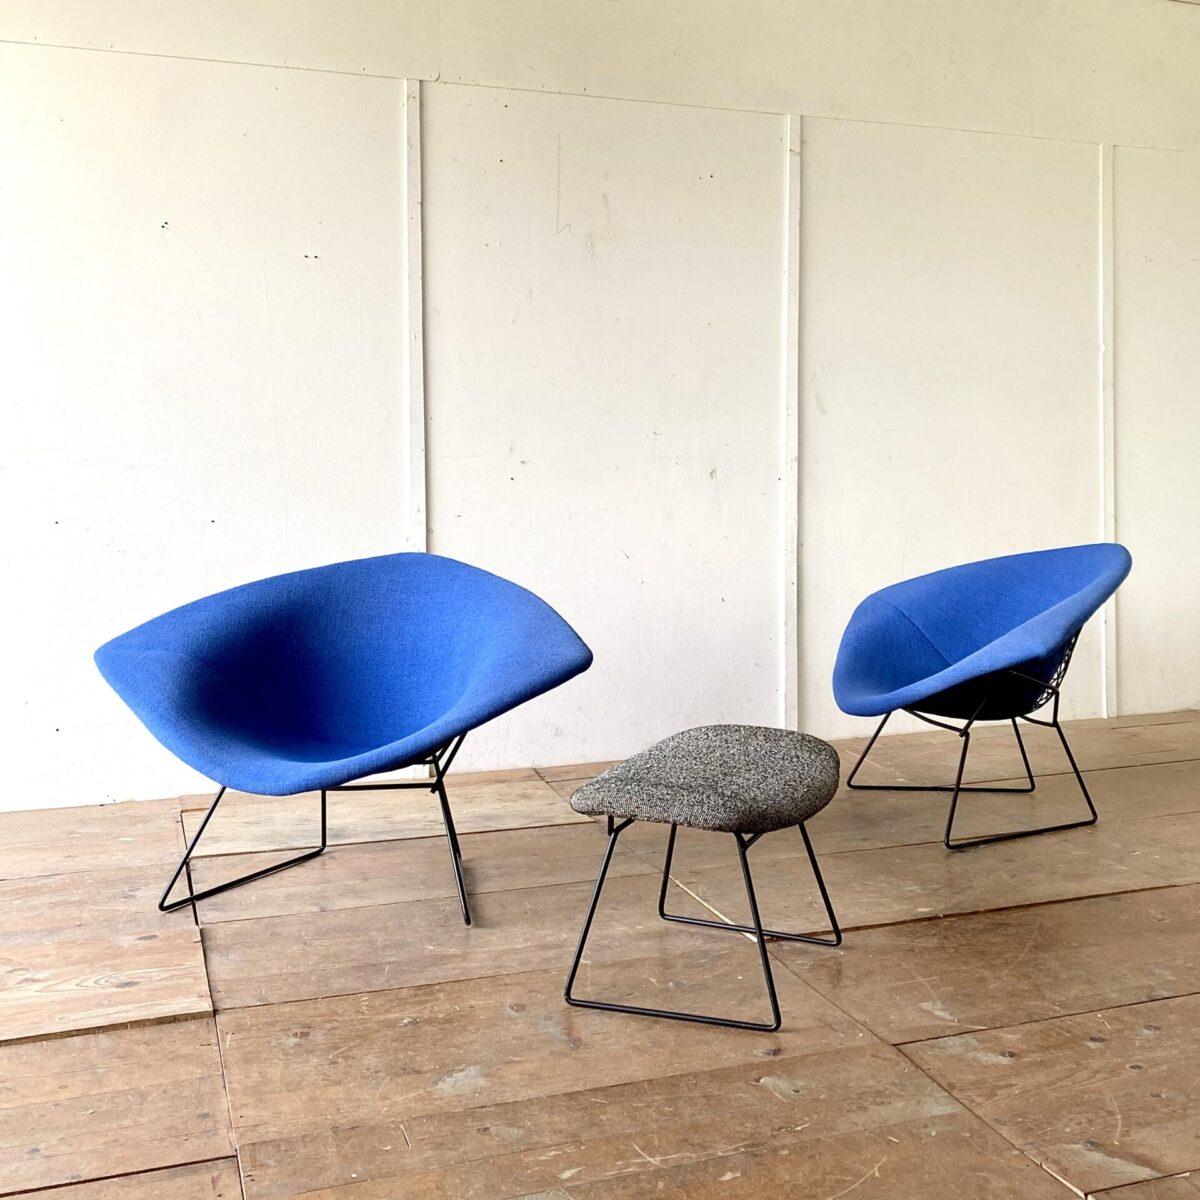 Deuxieme.shop big Diamond Chair Knoll inc. Knoll international 50s. Zwei Grosse Diamond Chairs von Harry Bertoia für Knoll. Die Sessel sind Original aus den 50er Jahren, der Stoff (Kvadrat) wurde mal neu bezogen und ist in gepflegtem sauberen Zustand. 114x82cm Höhe 71cm Sitzhöhe 40cm. Der Ottoman mit grau-weiss meliertem Stoff ist ebenfalls verfügbar. Der Preis bezieht sich auf einen Sessel, der Ottoman ist 800.-